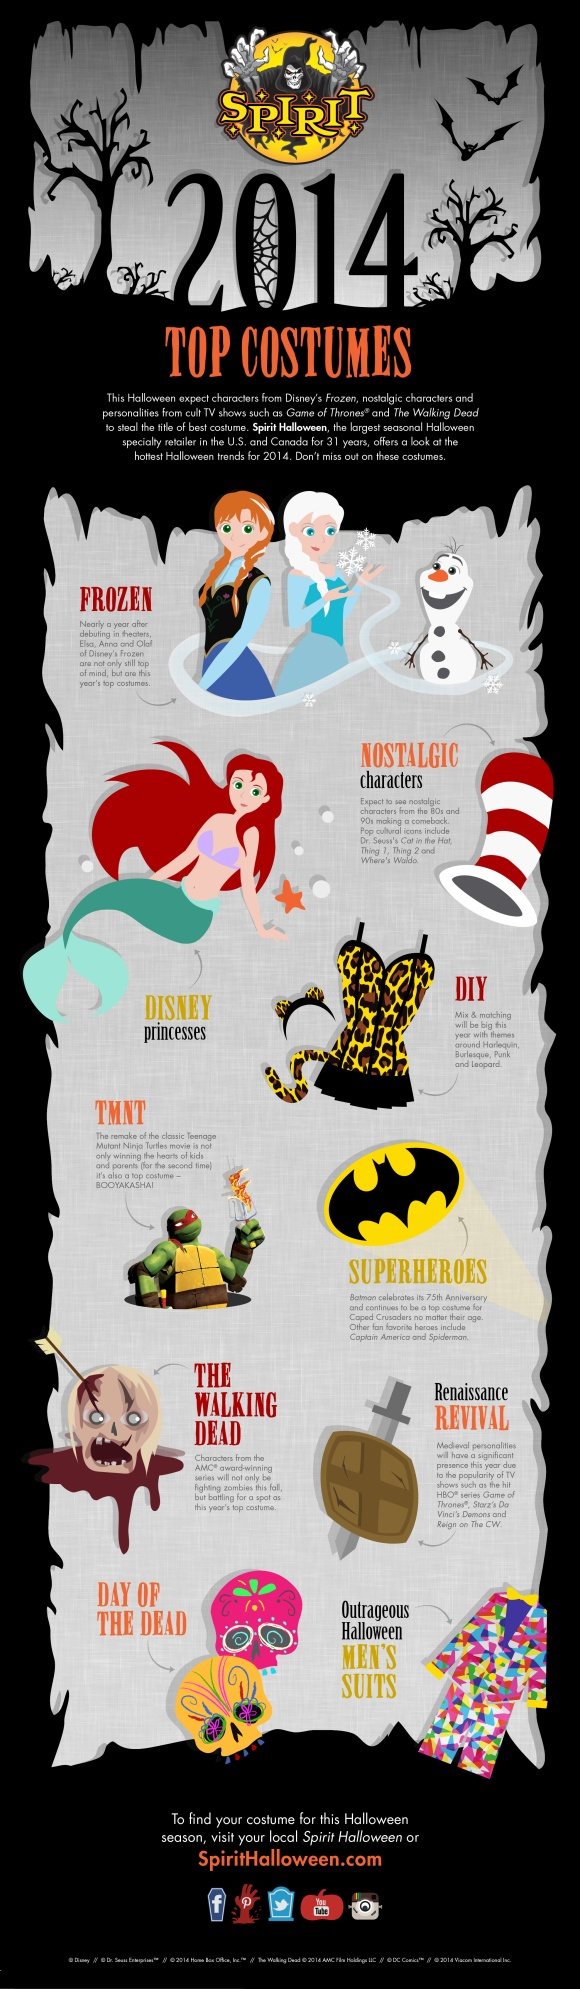 Top Halloween costumes 2014